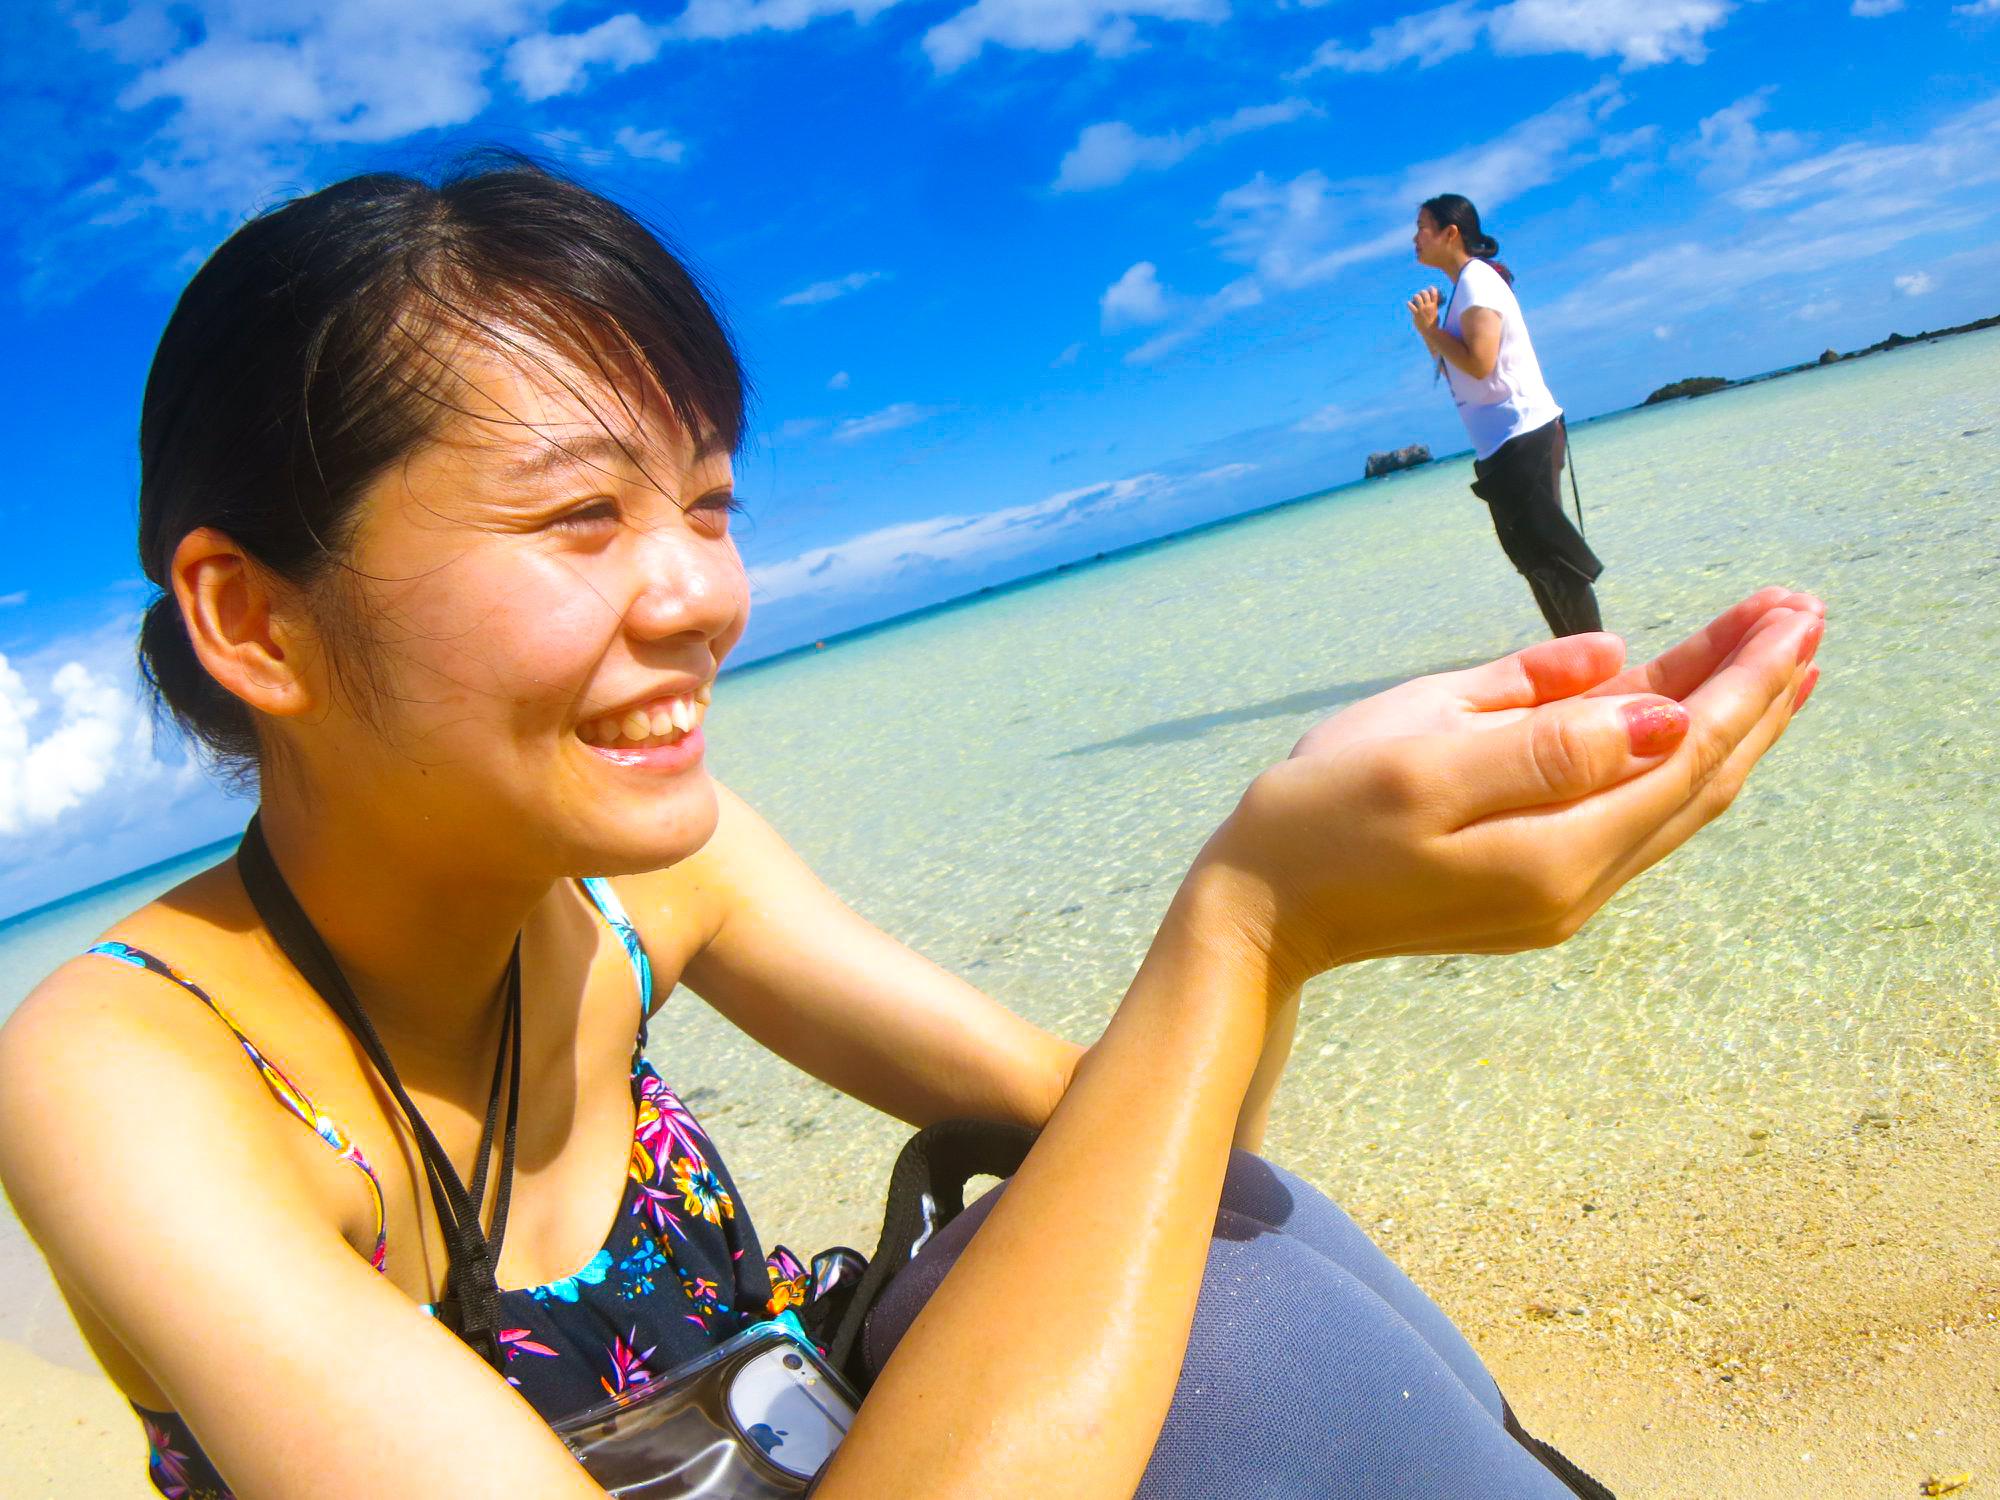 幻の島プレミアムシュノーケル&竹富島観光ツアー(No.365)